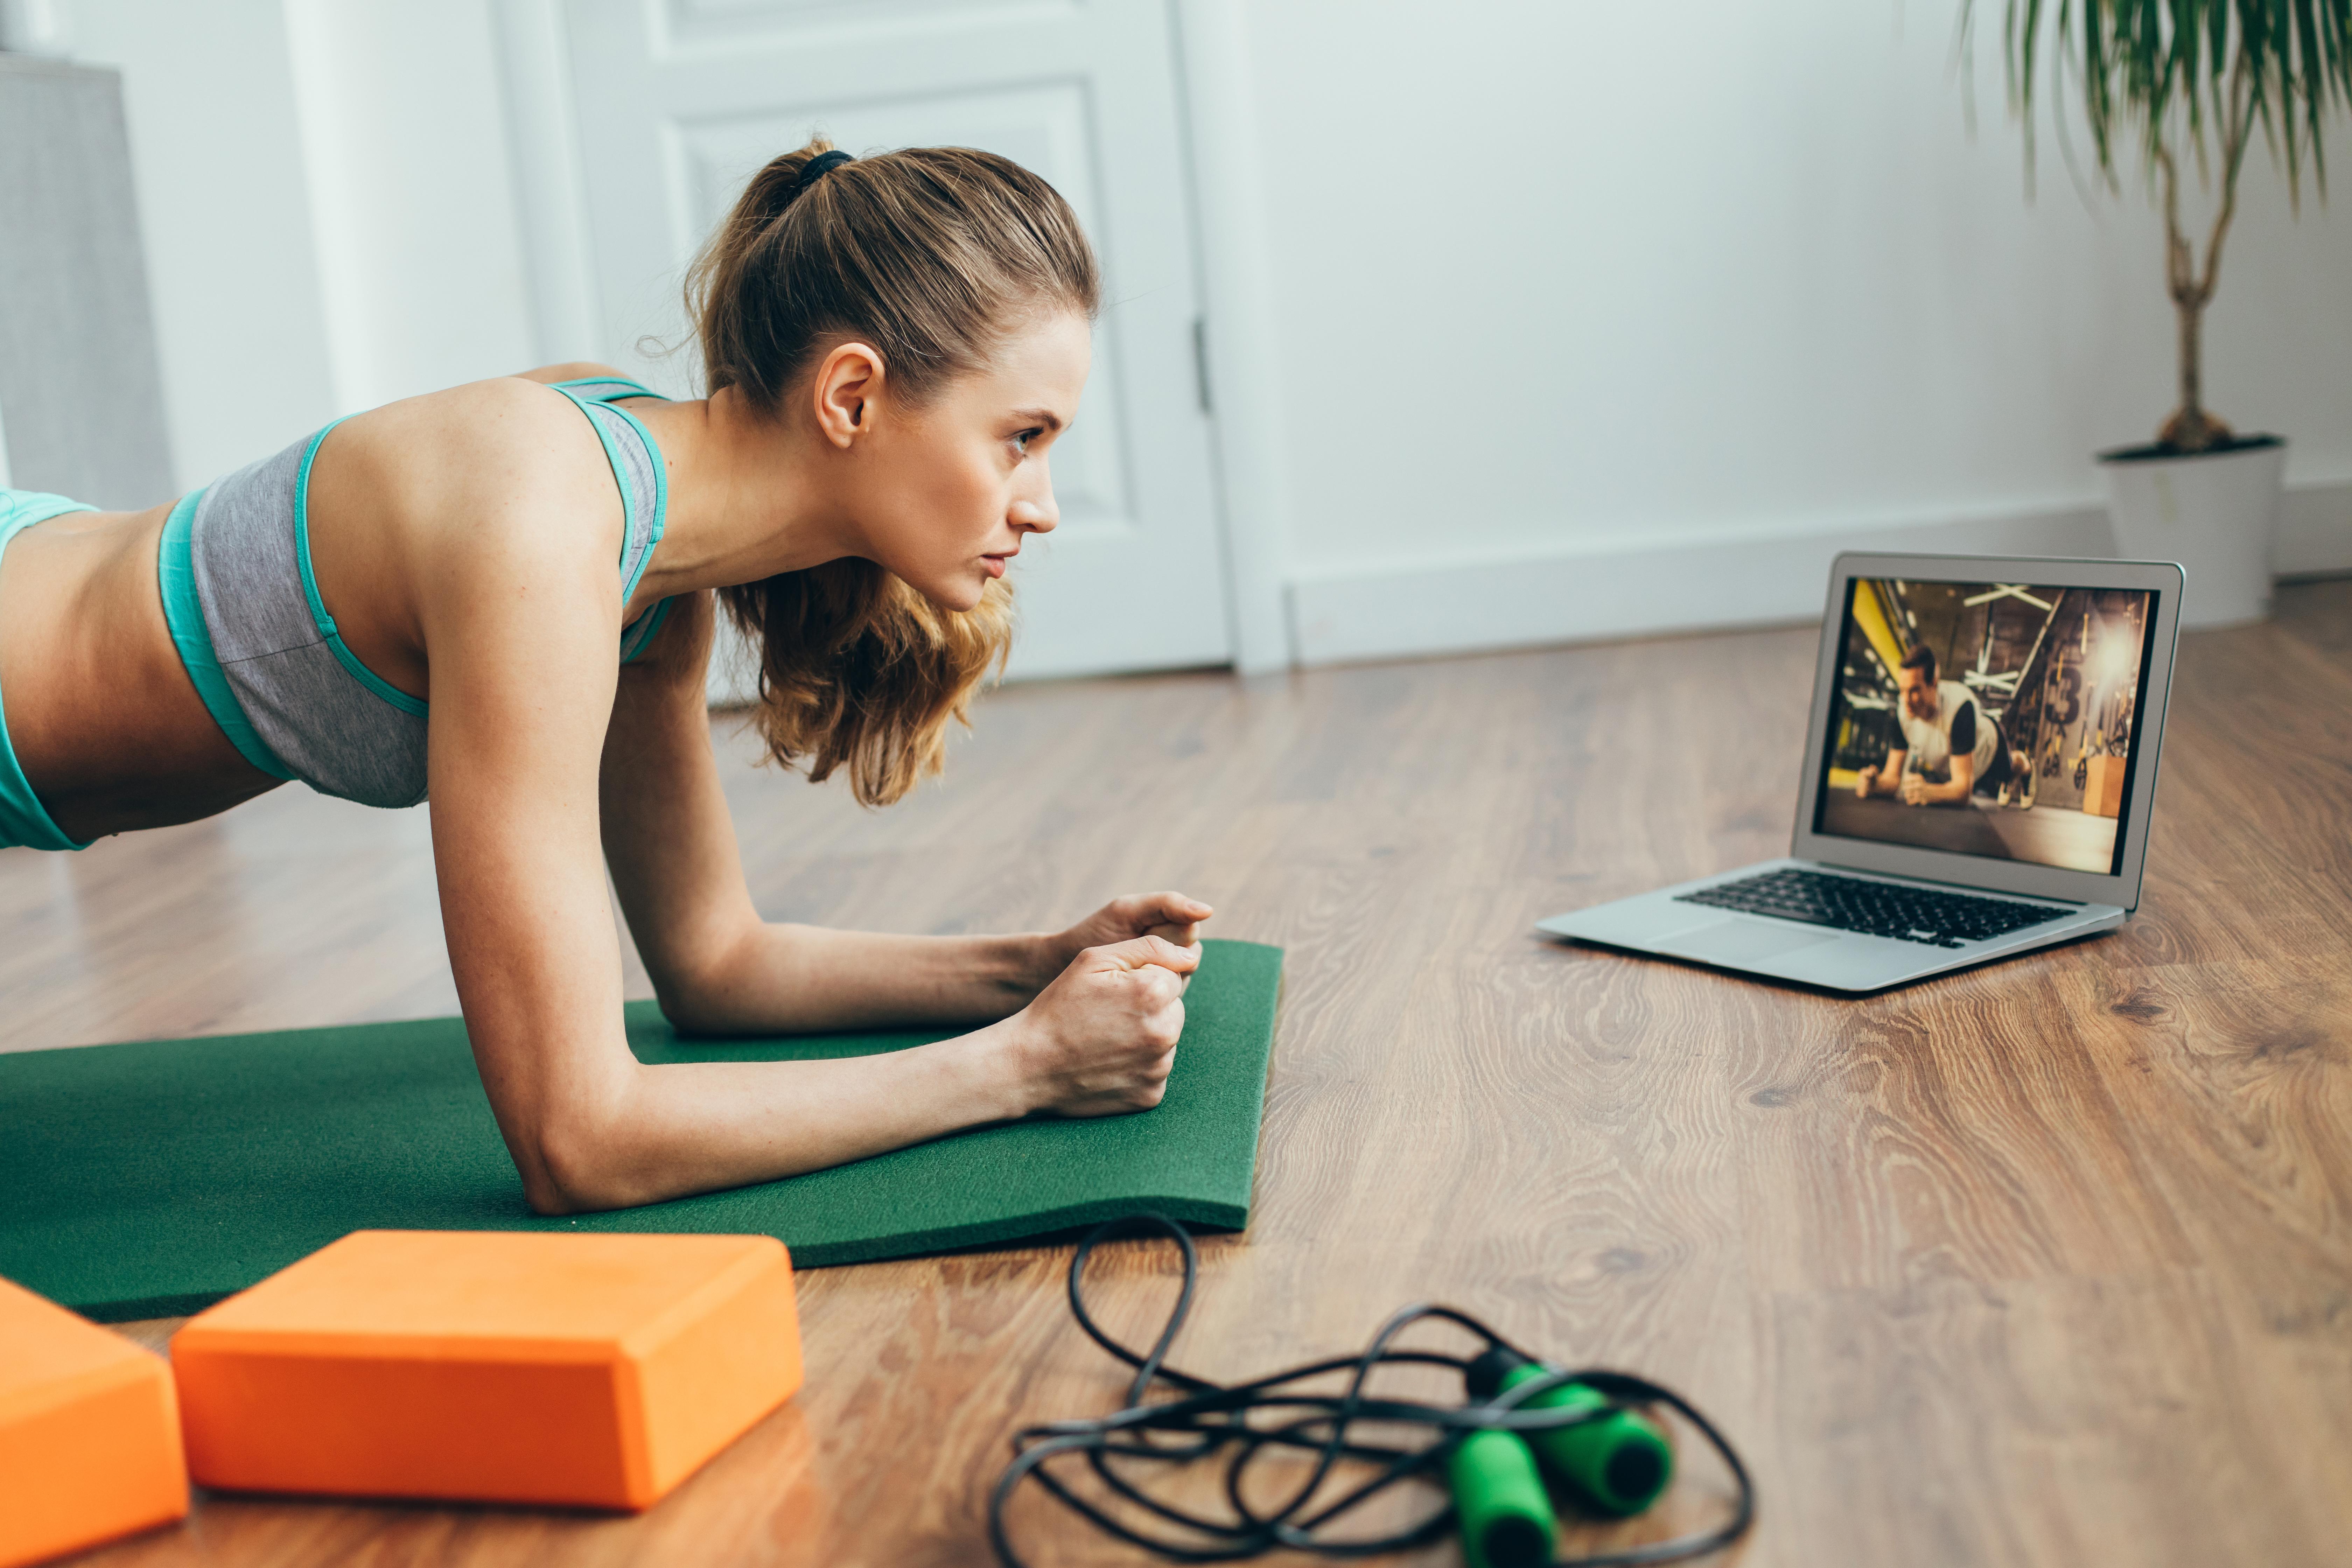 Une seule séance d'exercice aérobie pendant 2 minutes à 1 heure à intensité modérée à élevée améliore l'attention, la concentration, l'apprentissage et la mémoire pendant jusqu'à 2 heures après sa pratique ! (Visuel Adobe Stock 250418774)